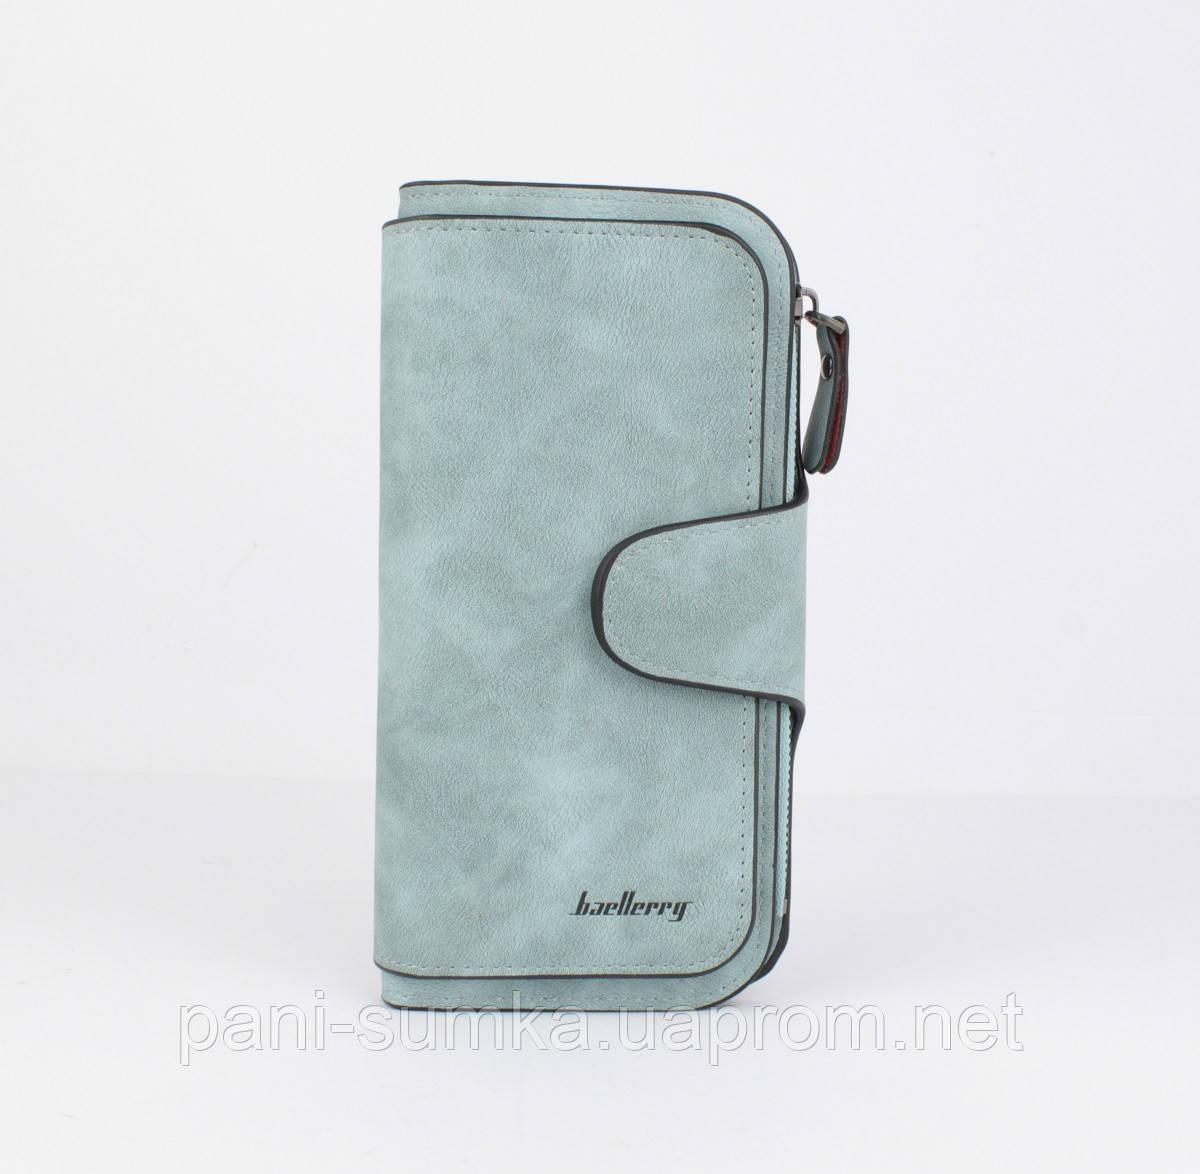 Вместительный женский кошелек Baellerry 843 голубой